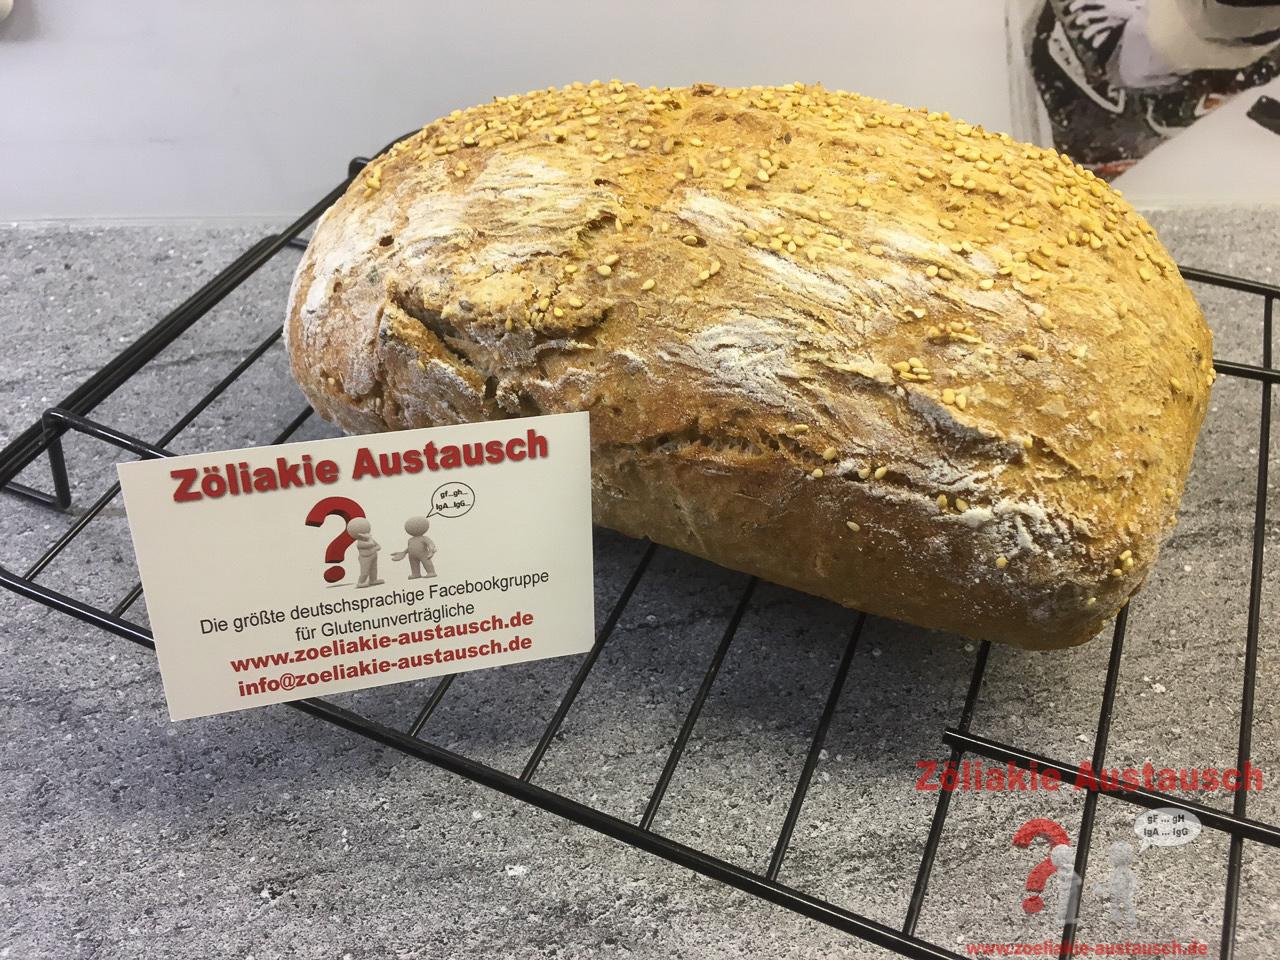 HobbyBaecker-Glutenfrei-Zoeliakie-Austausch_0279